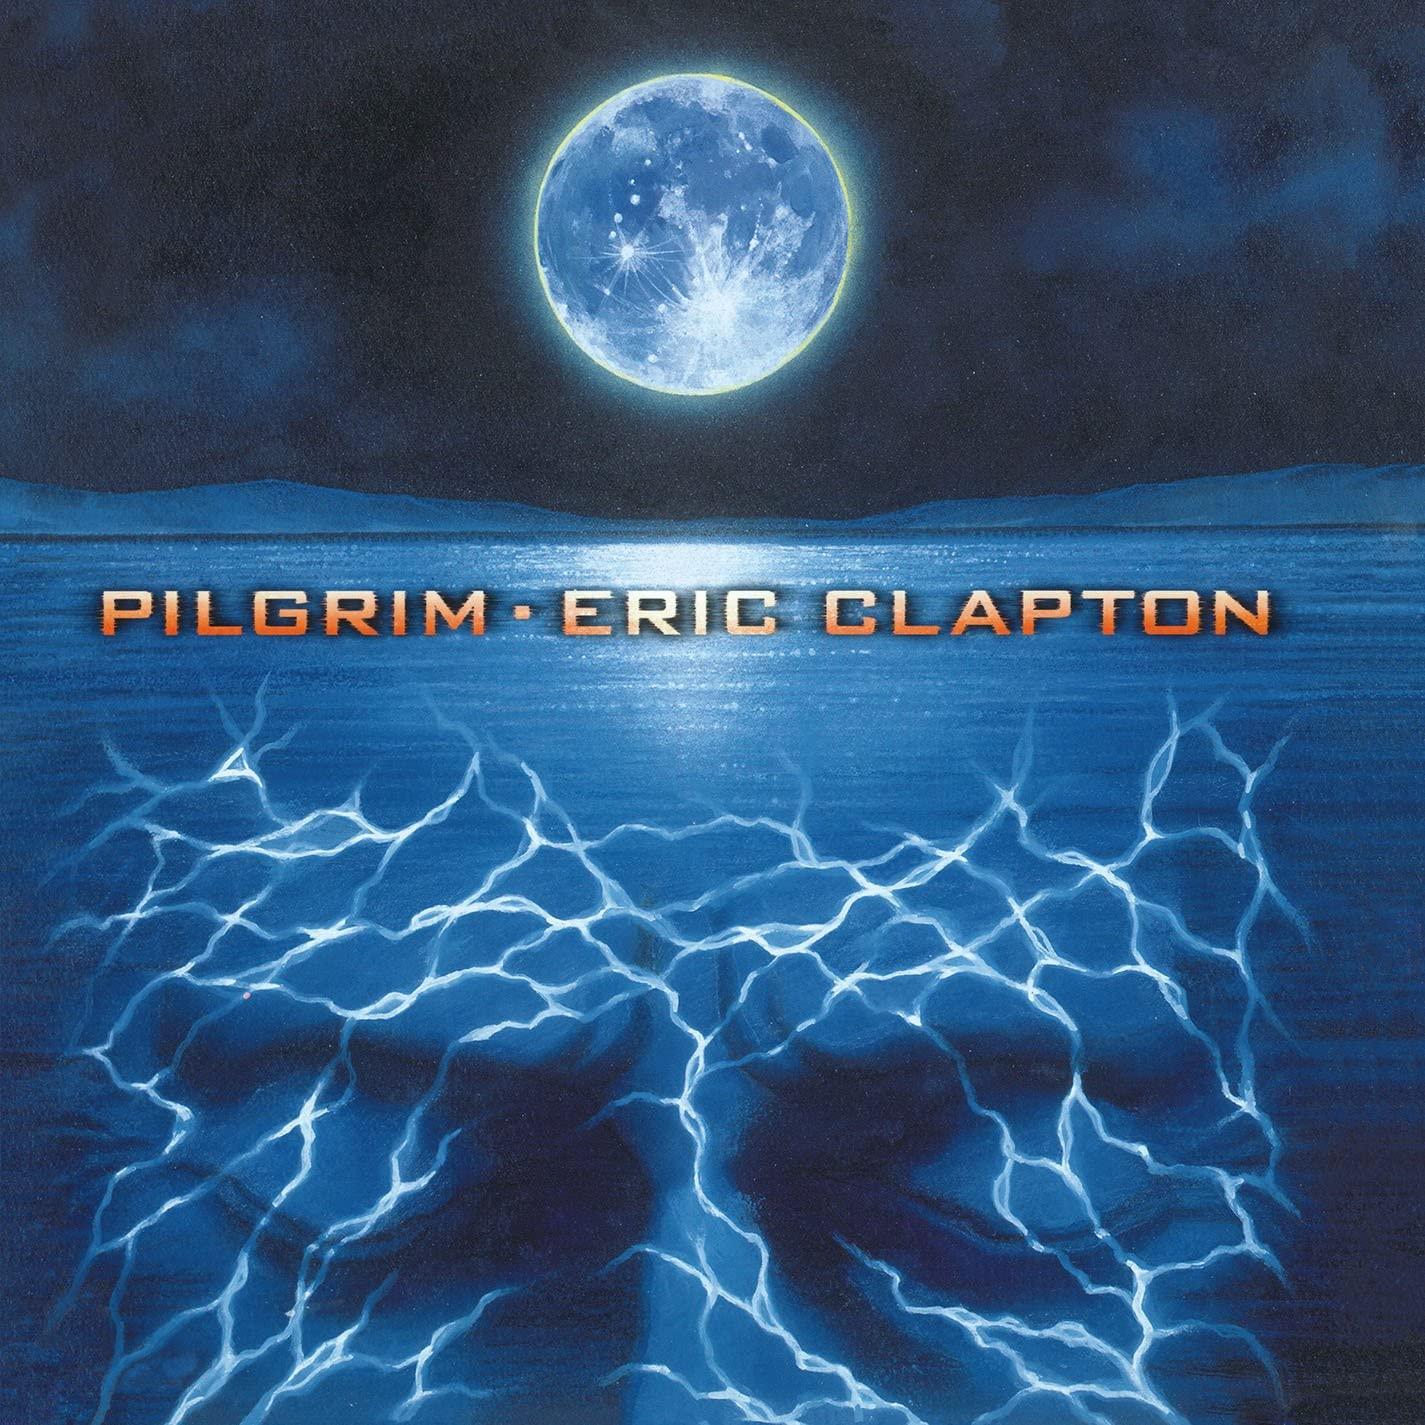 Eric Clapton Pilgrim Double Vinyl LP Record - £9.51 Prime / +£4.49 non Prime at Amazon